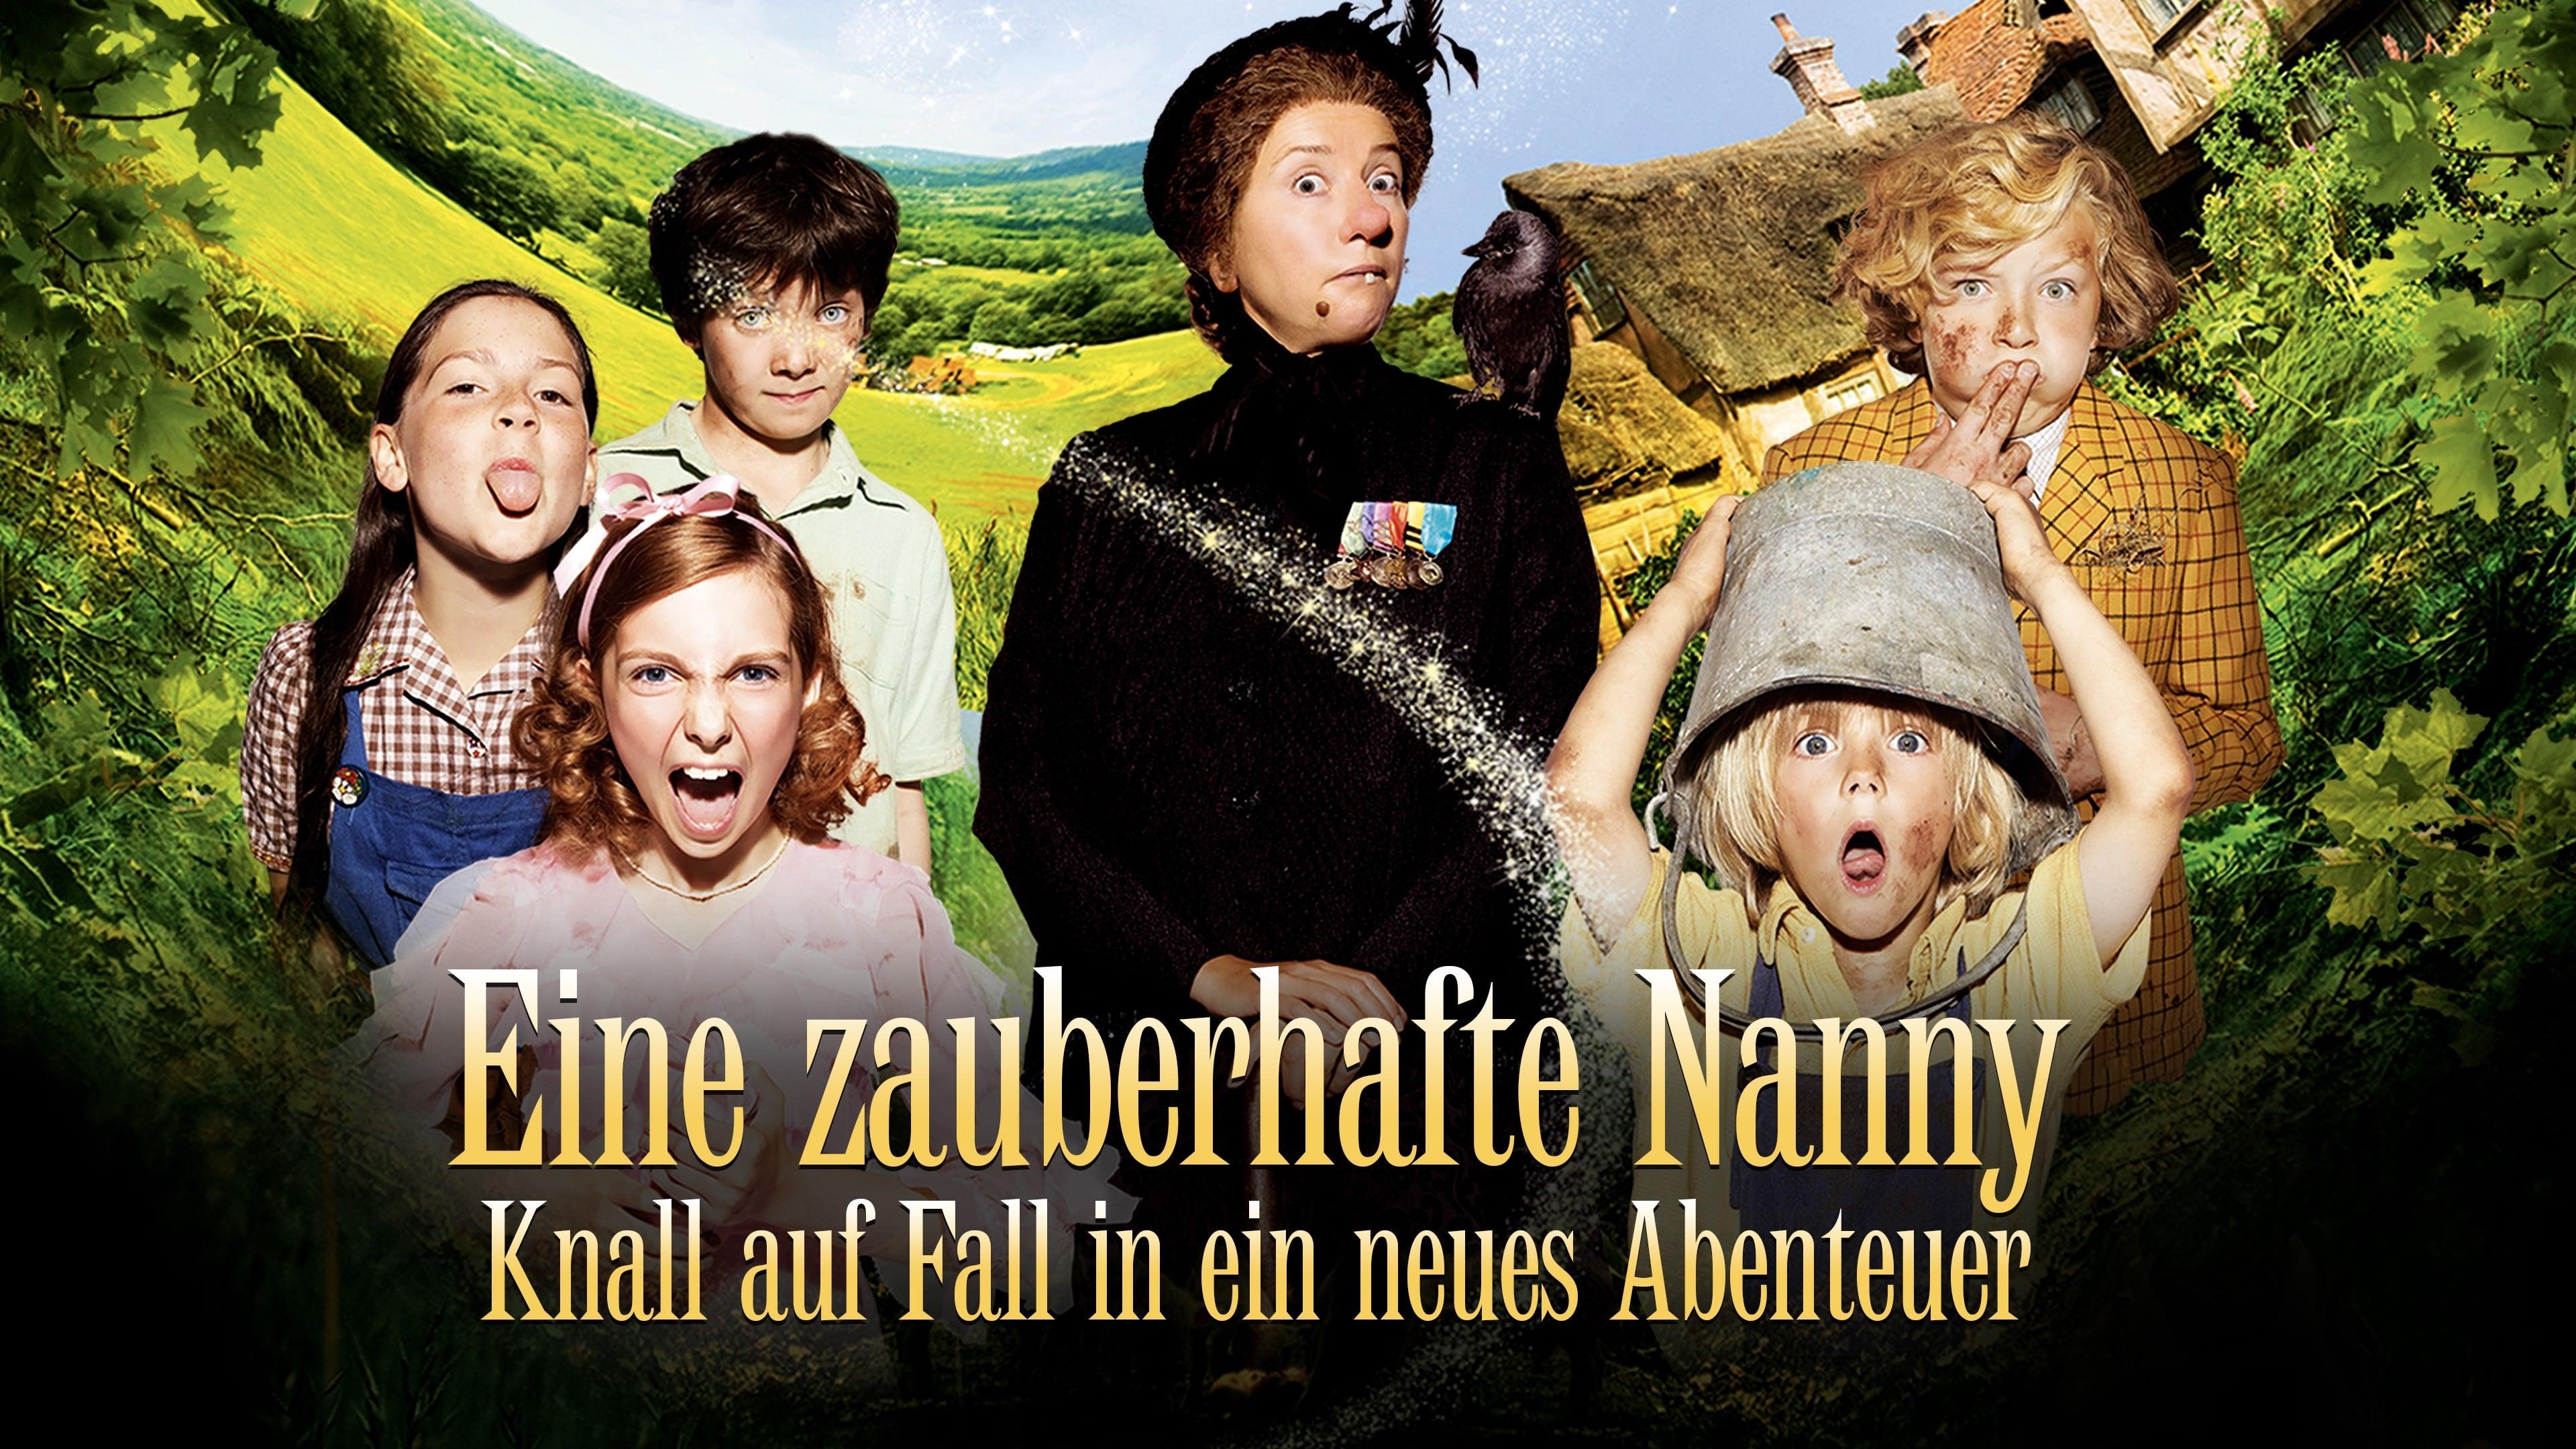 Nanny McPhee and the Big Bang Movie